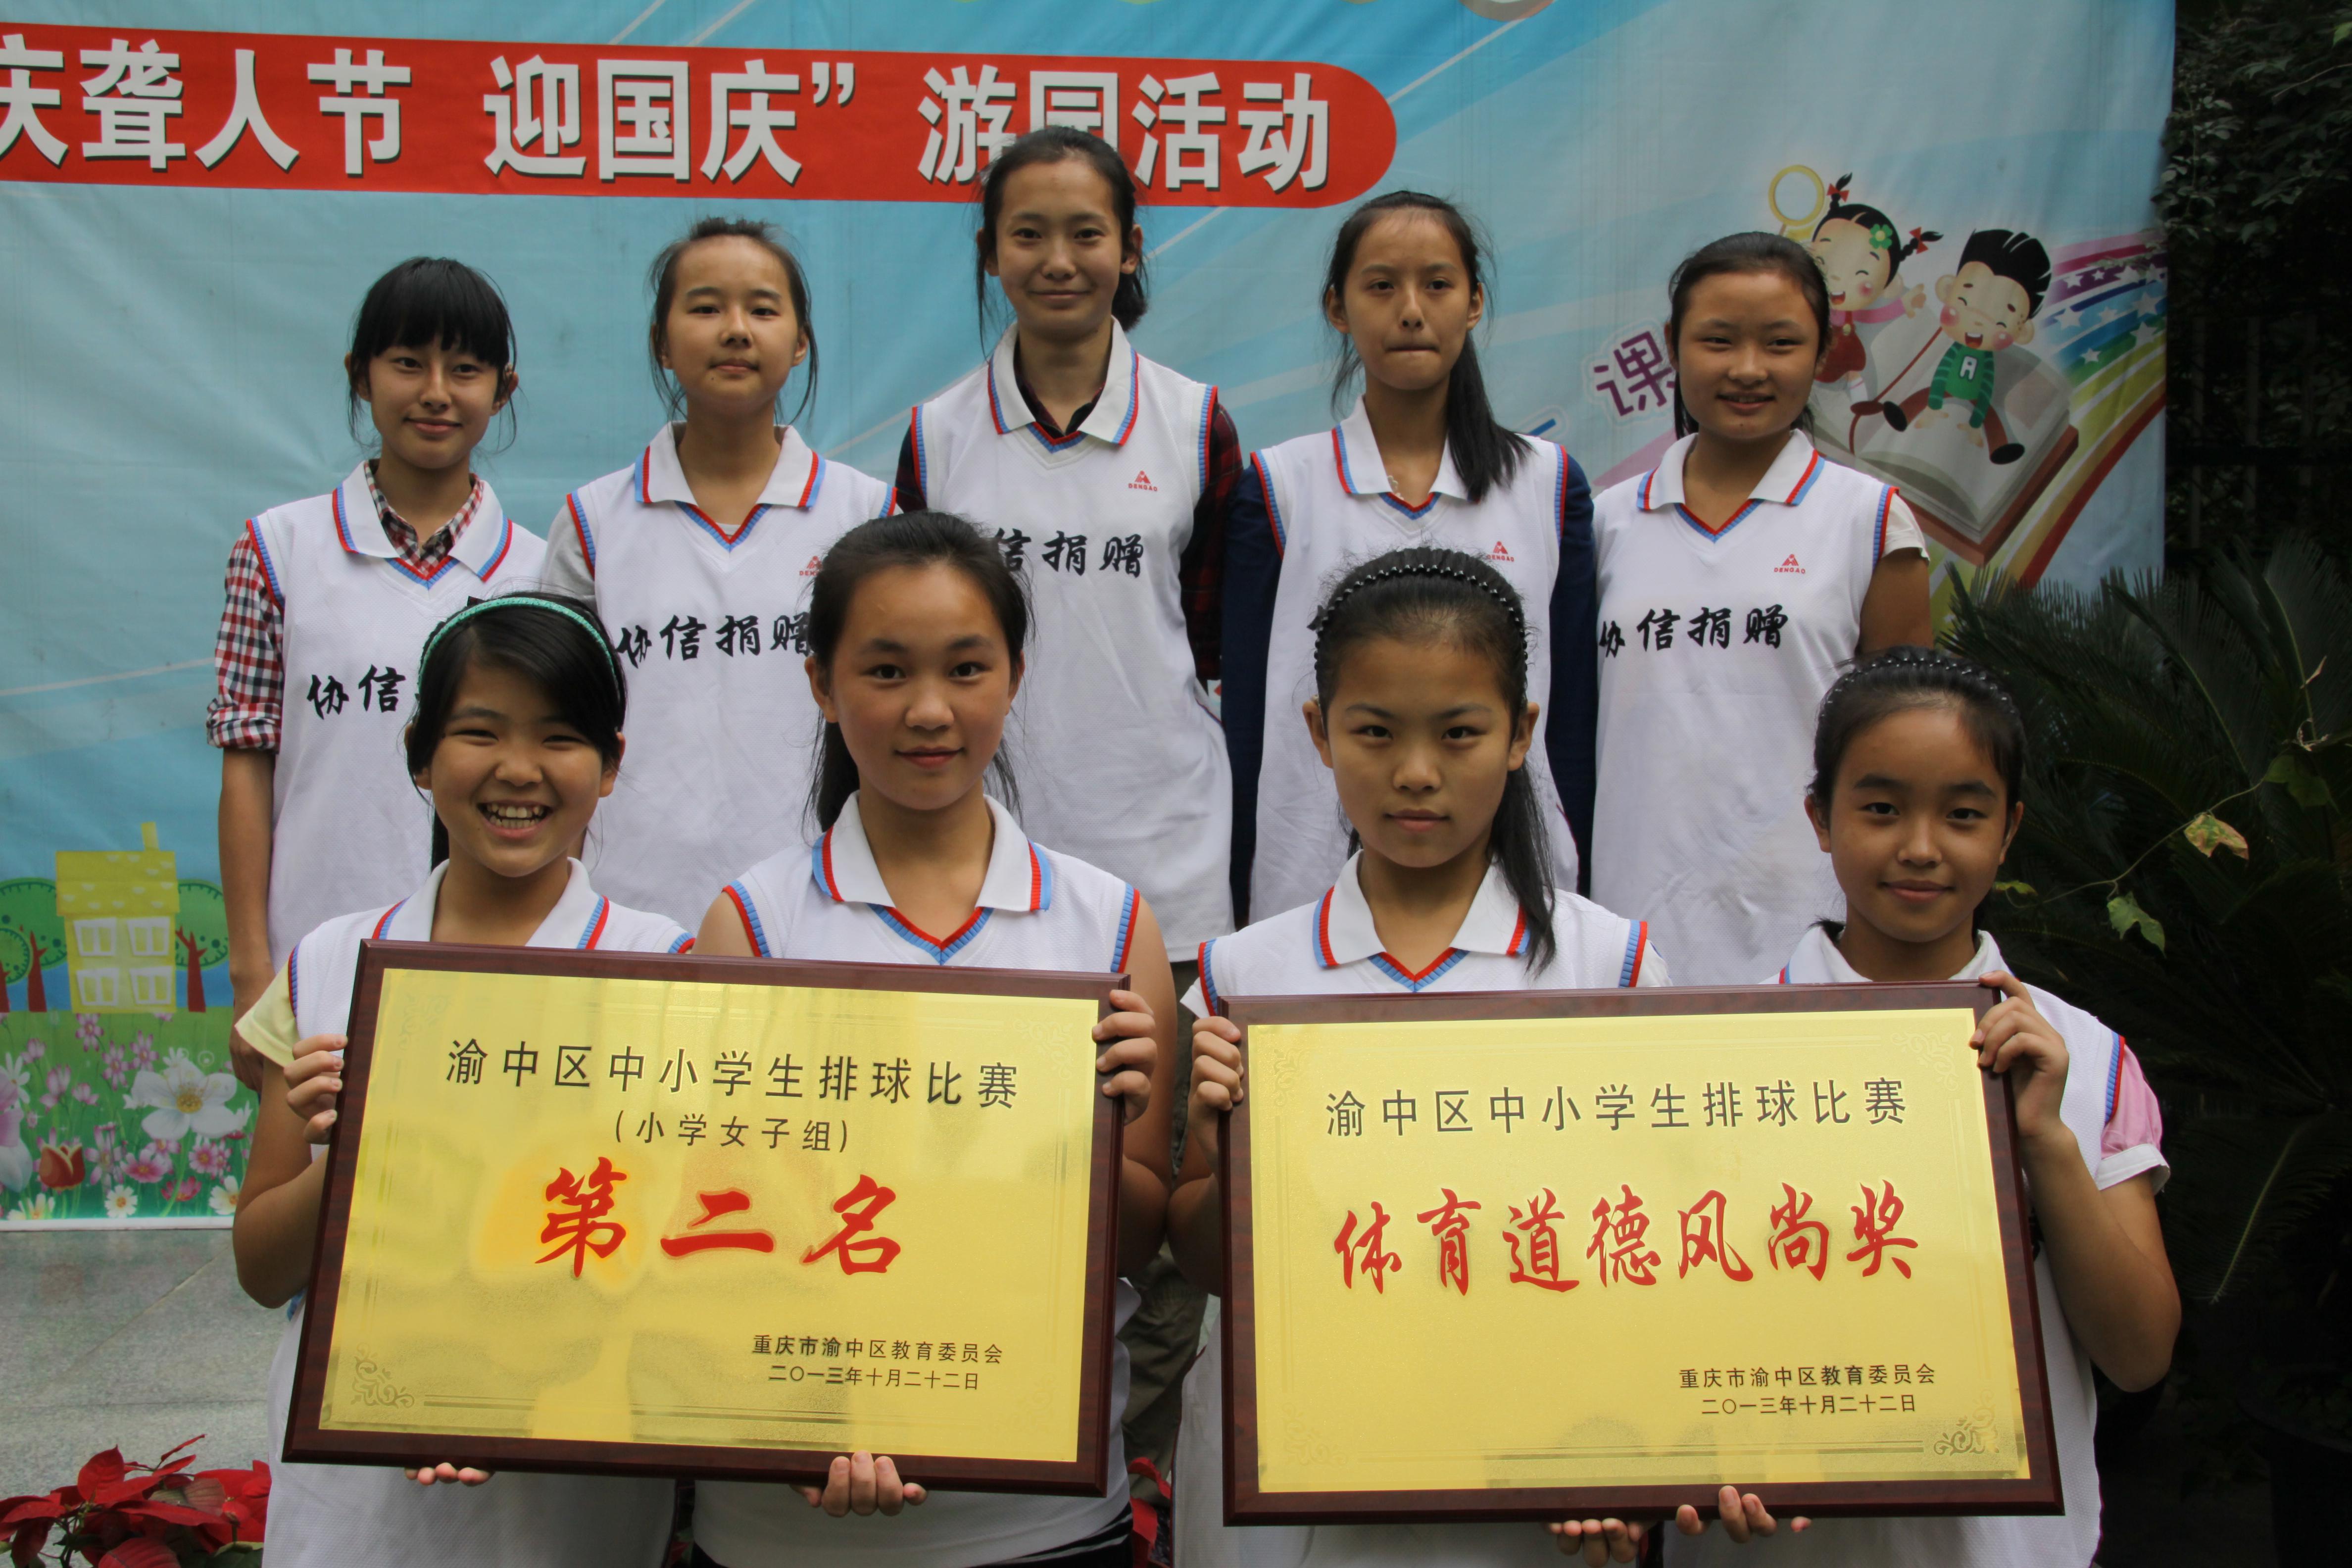 重庆市聋哑学校女子排球队喜获第二名